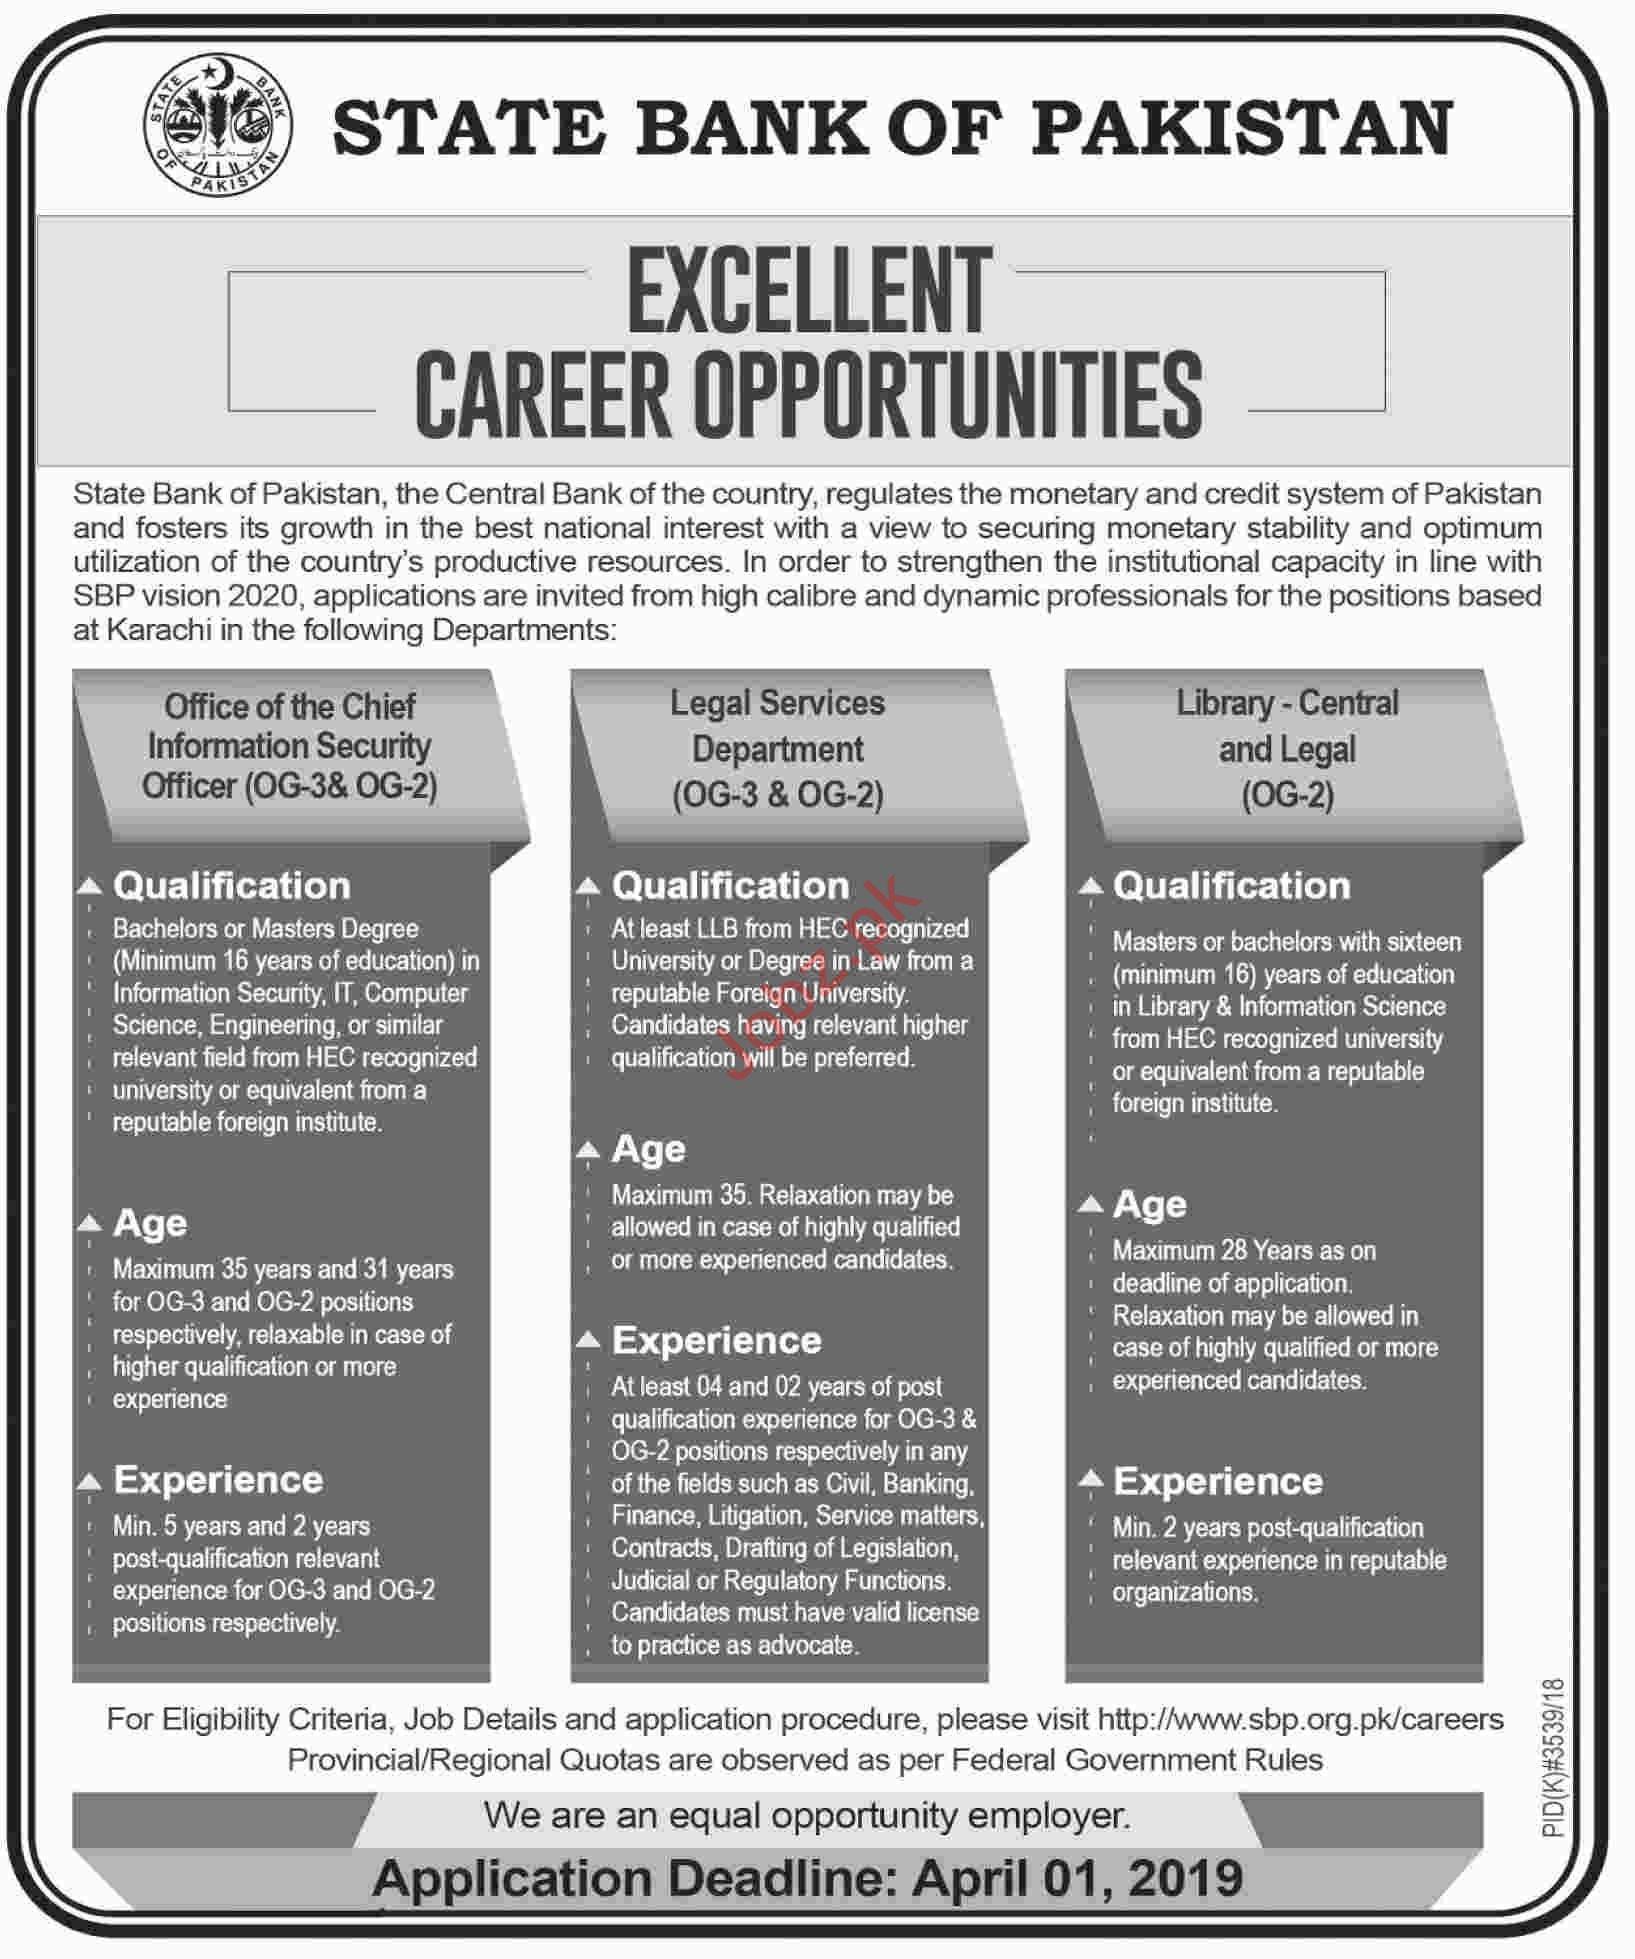 State Bank of Pakistan SBP Jobs 2019 in Karachi